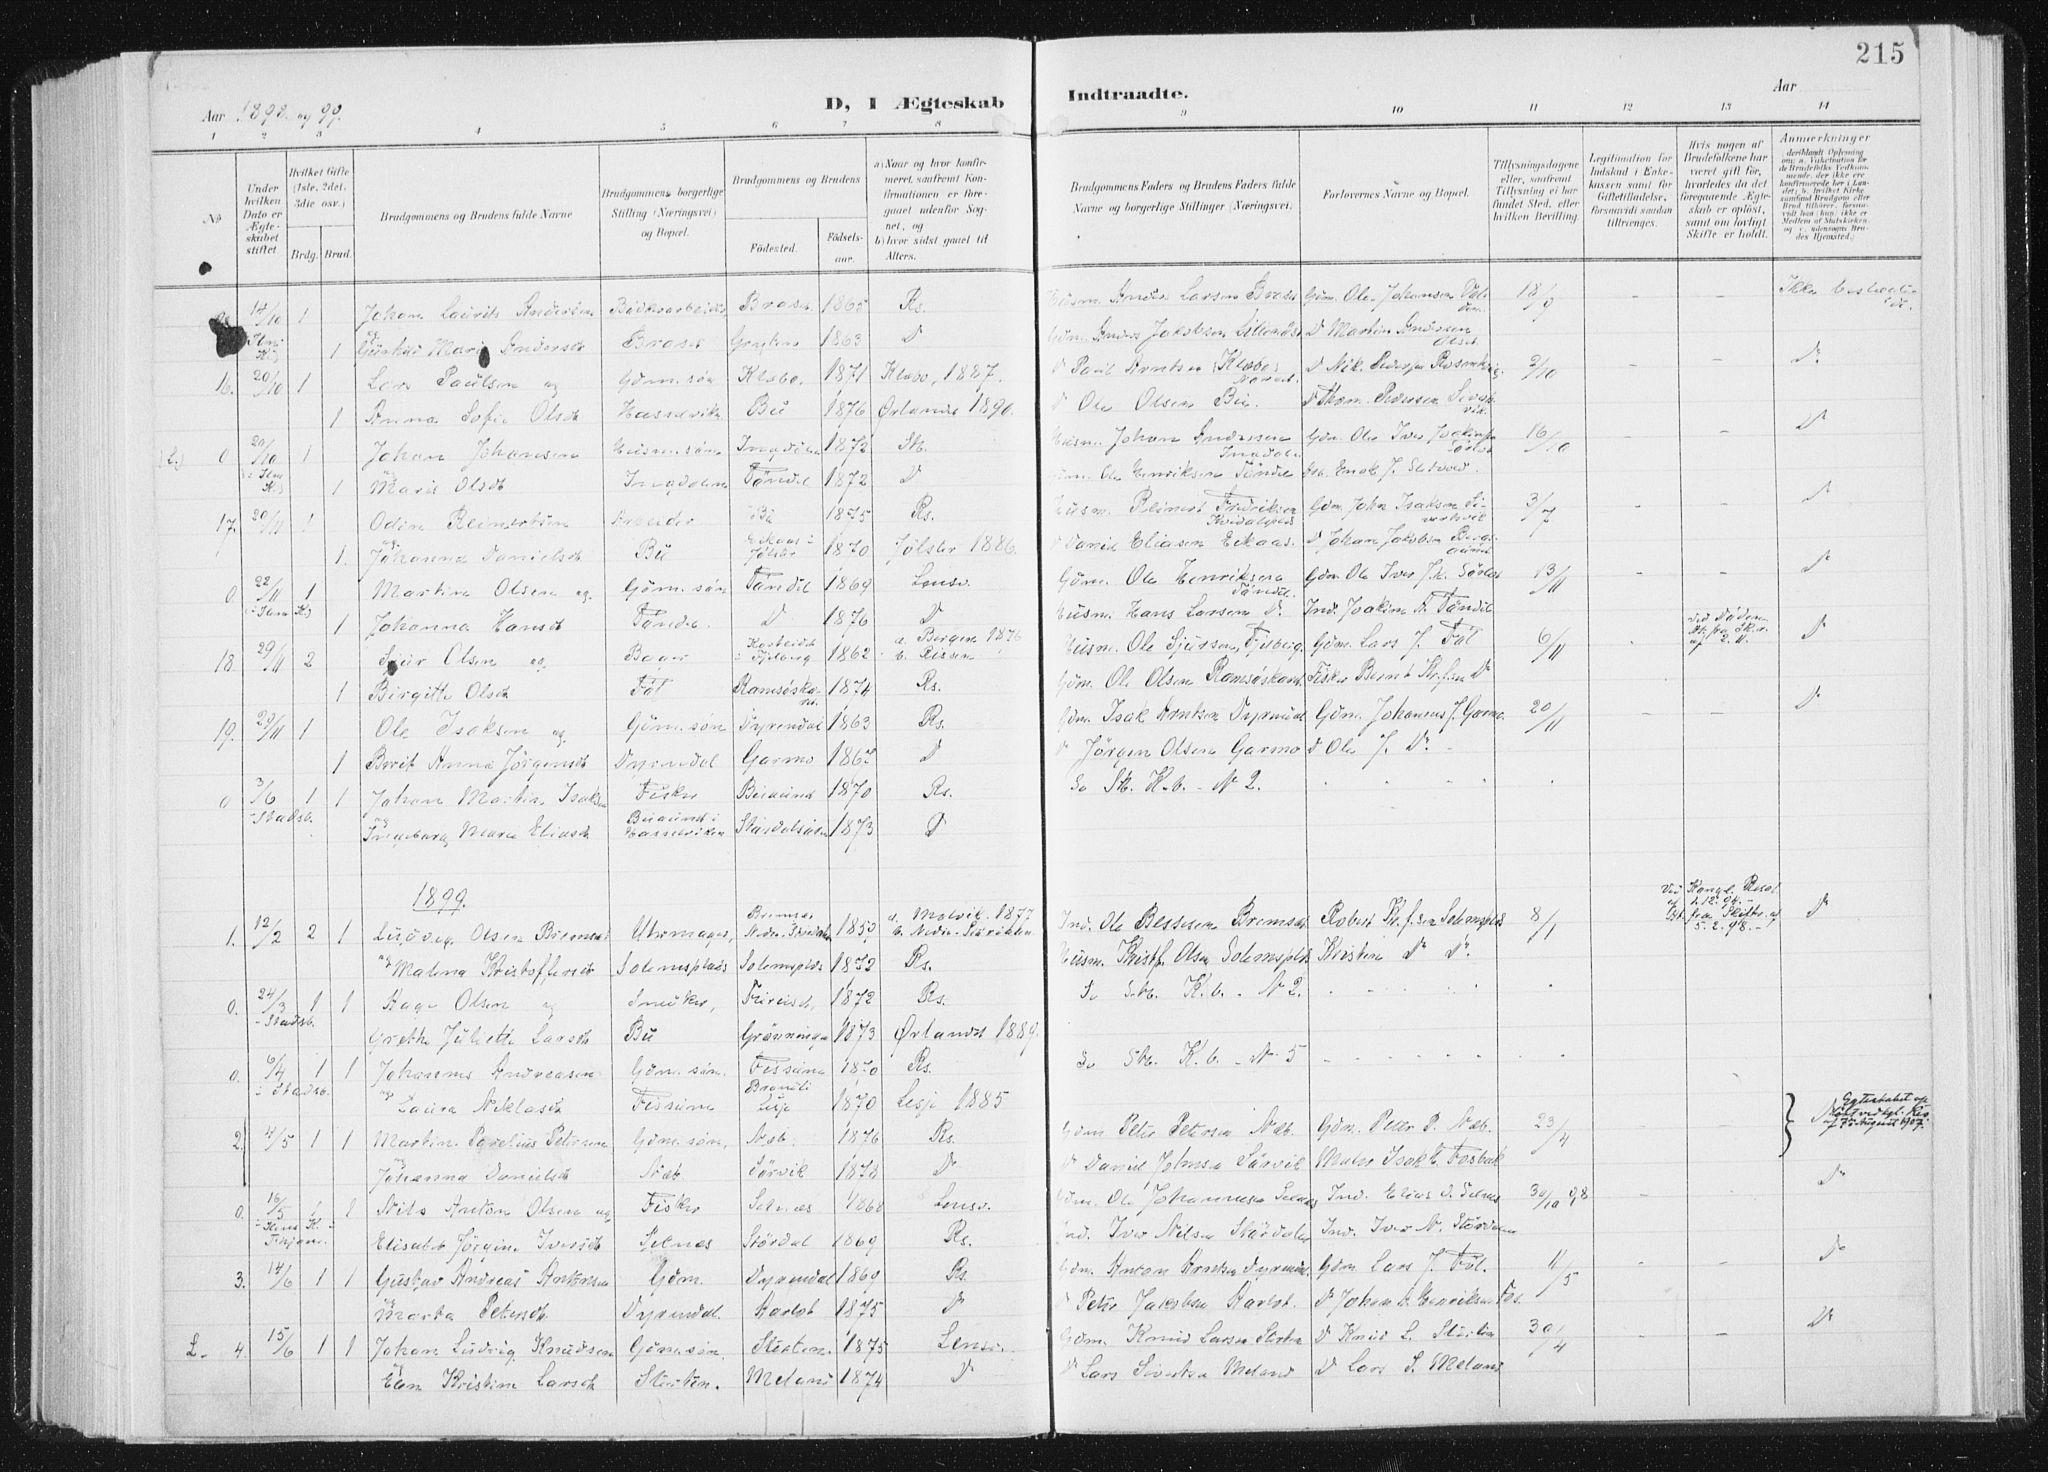 SAT, Ministerialprotokoller, klokkerbøker og fødselsregistre - Sør-Trøndelag, 647/L0635: Ministerialbok nr. 647A02, 1896-1911, s. 215